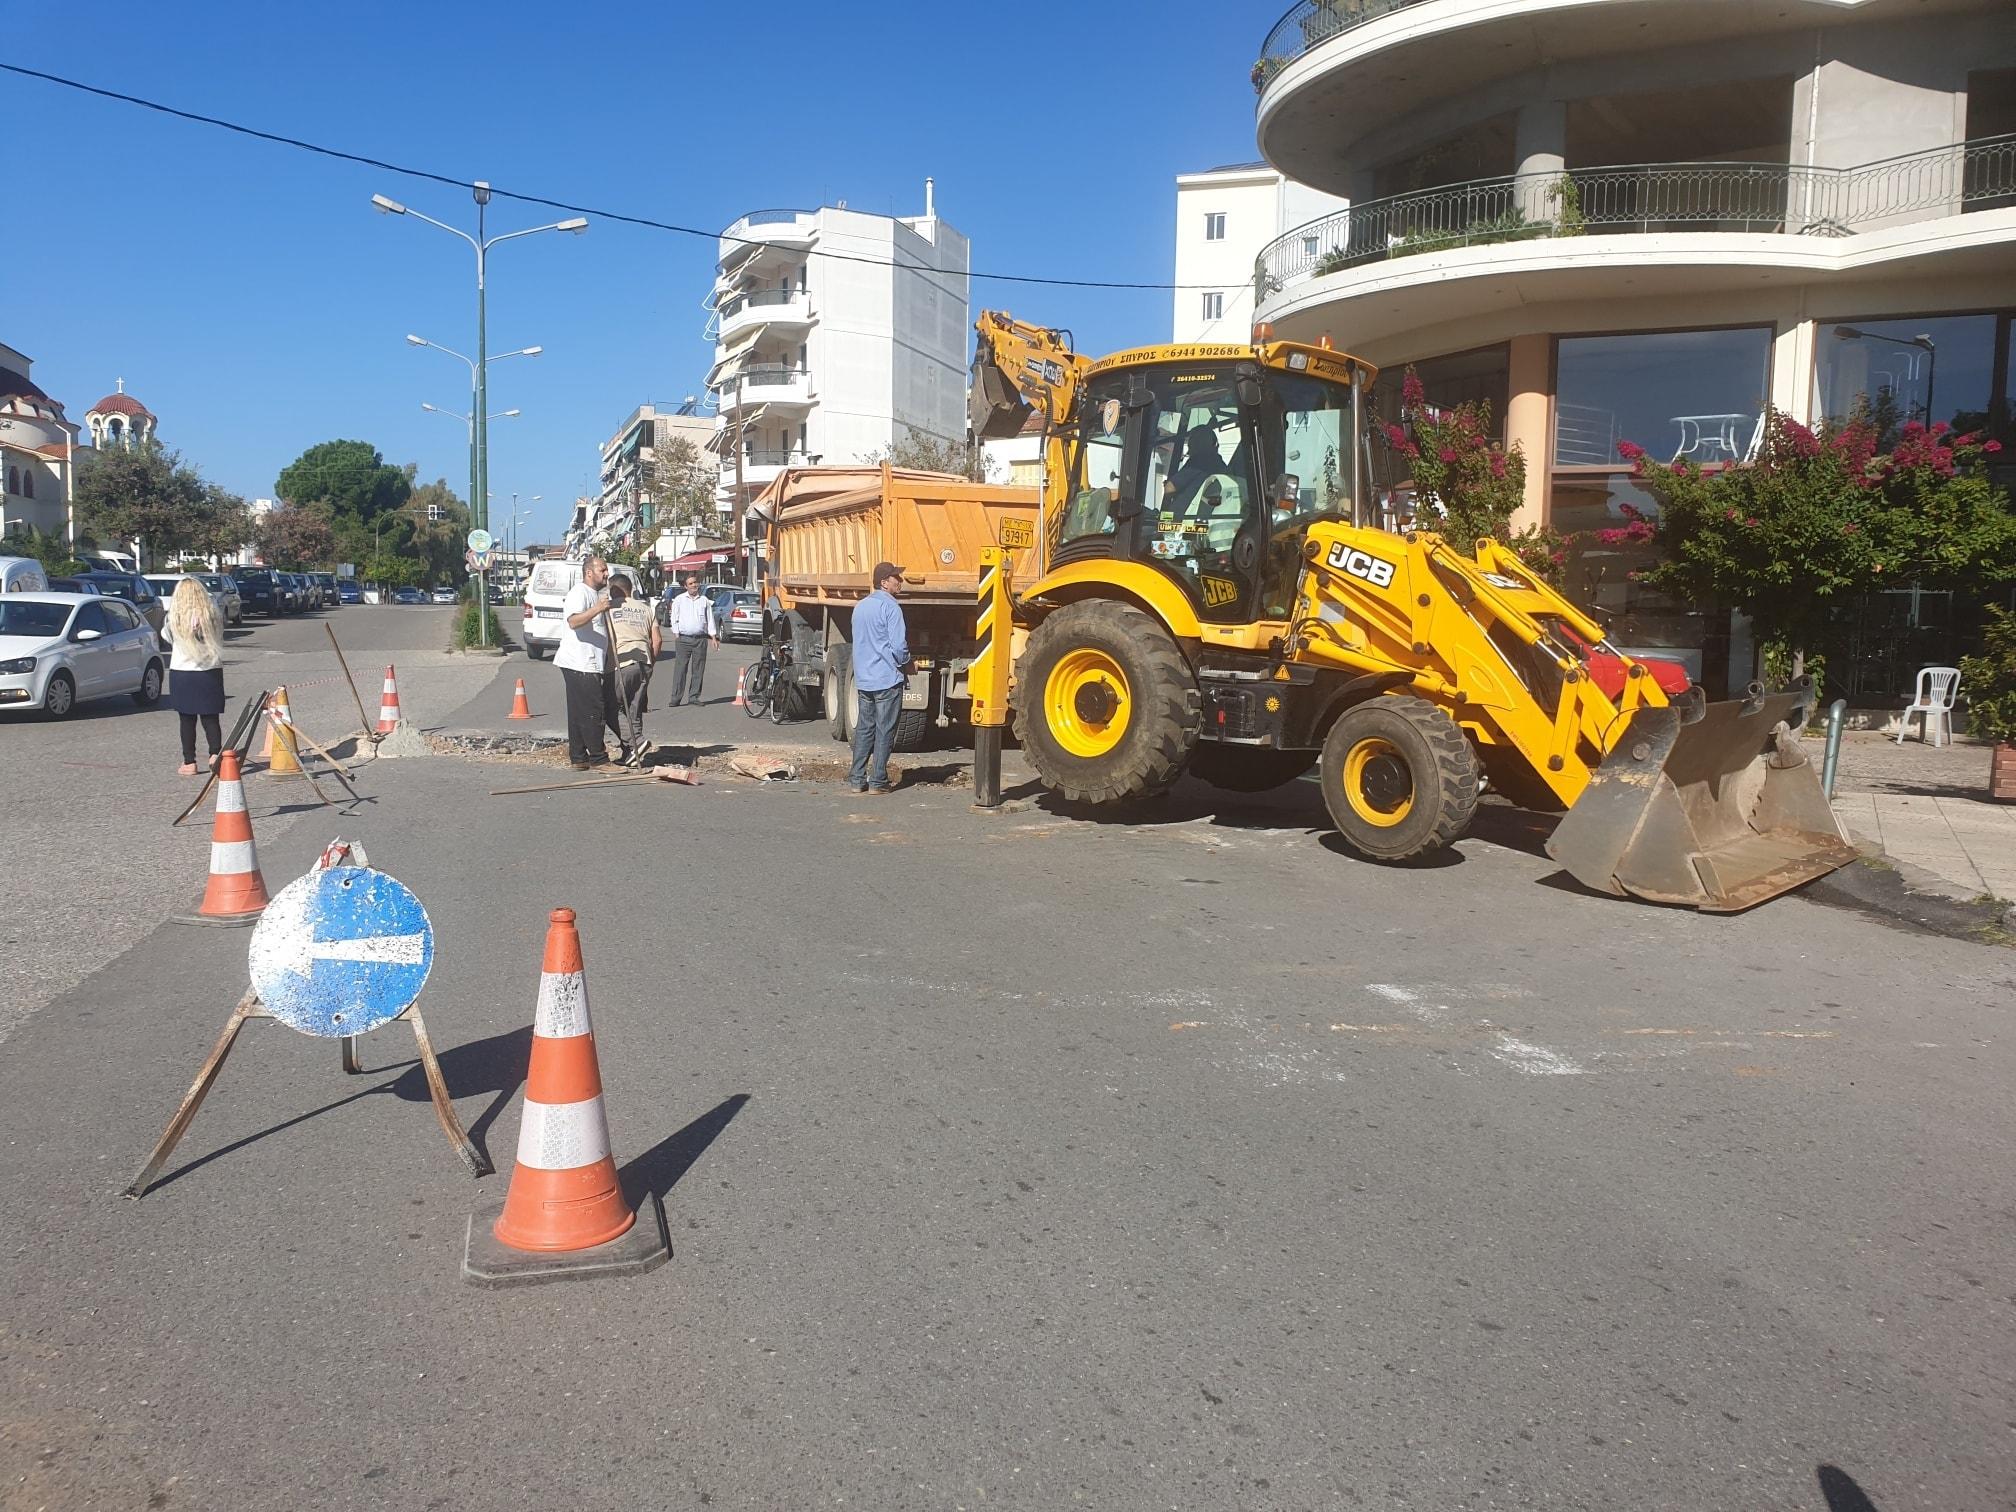 Eργασίες της ΔΕΥΑ Αγρινίου στην οδό Μαβίλη -συνίσταται προσοχή στους οδηγούς